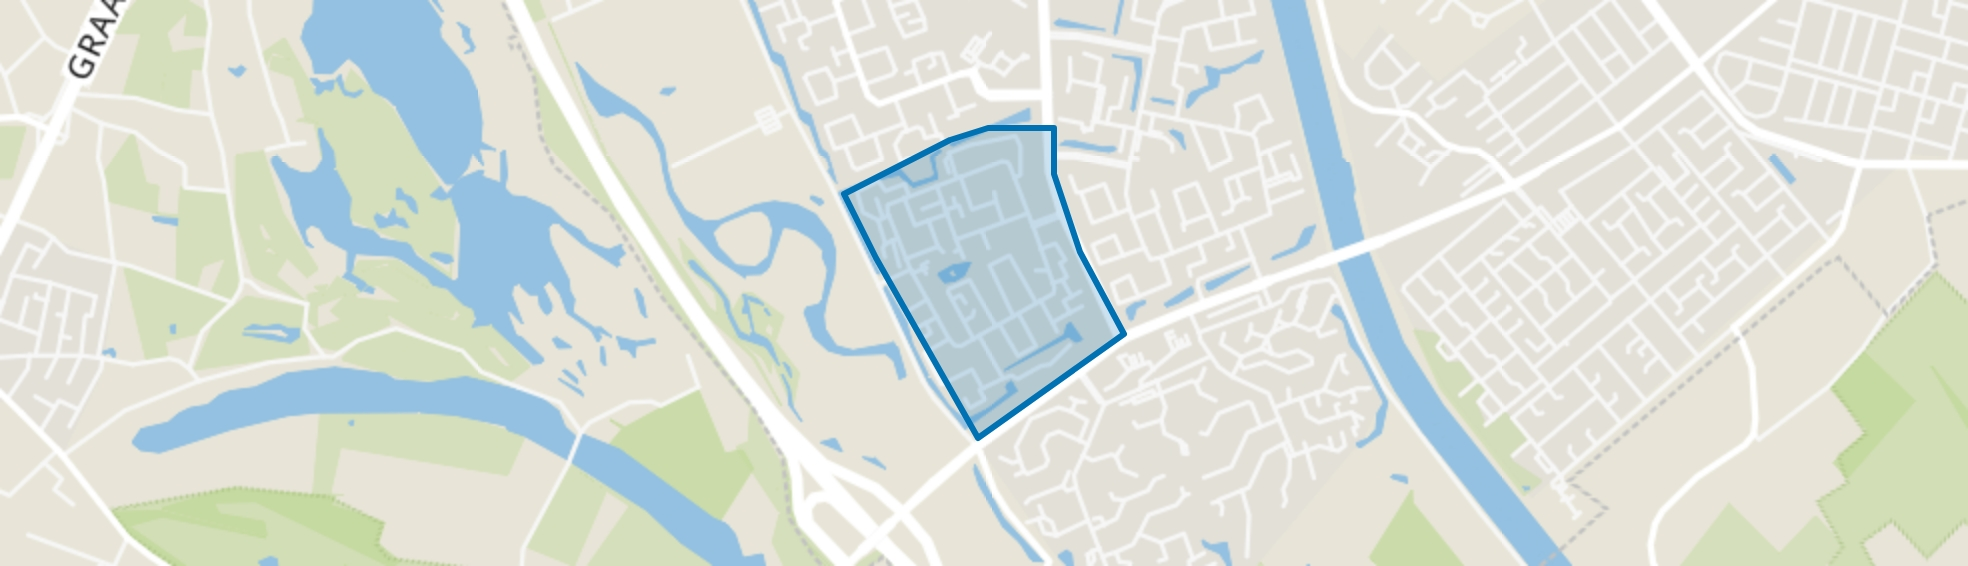 Aldenhof, Nijmegen map